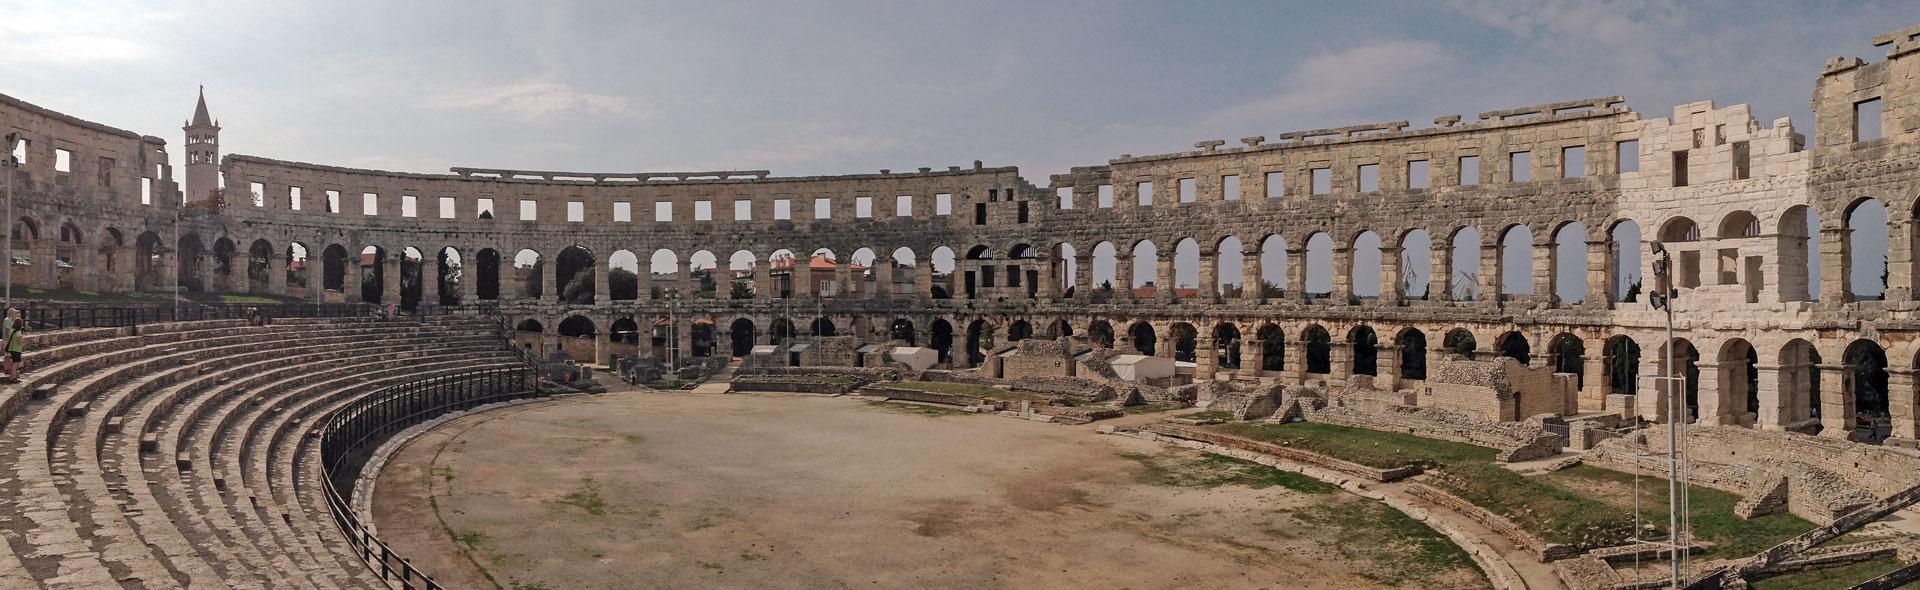 Pula, römische Provinzstadt